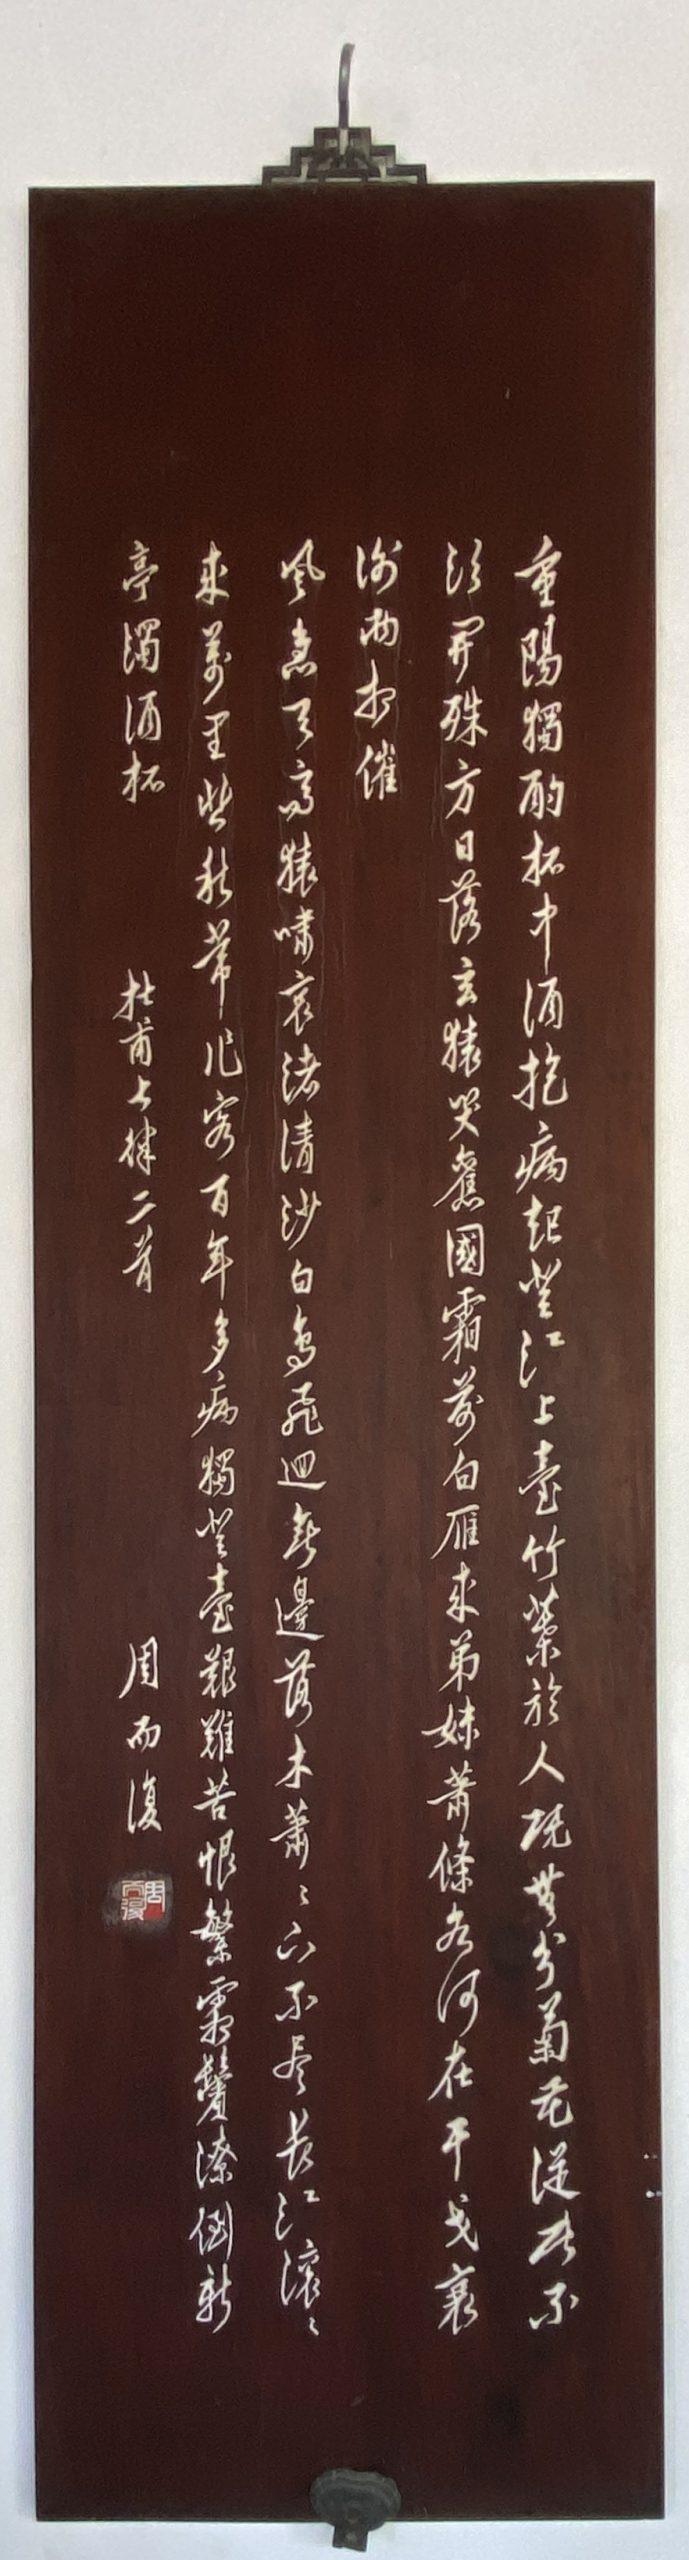 9日五首其一,其五-唐時代・杜甫-杜詩書法木刻廊-浣花溪公園-成都杜甫草堂博物館-書:周而復